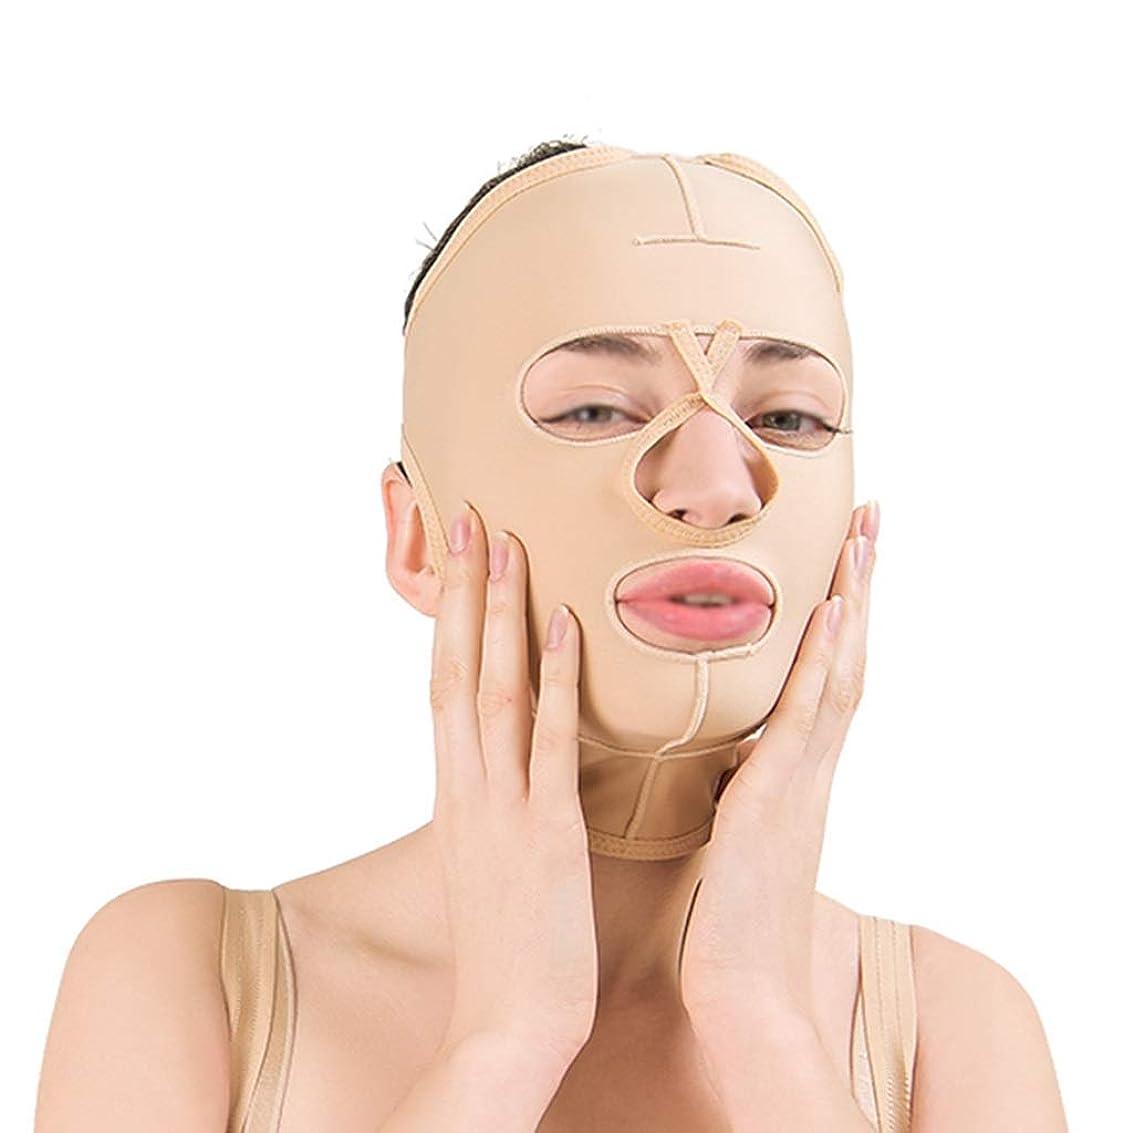 公然と安定返済フェイススリミングマスク、フェイスバンデージ付きフェイシャル減量マスク、通気性フェイスリフト、引き締め、フェイスリフティング(サイズ:L),S